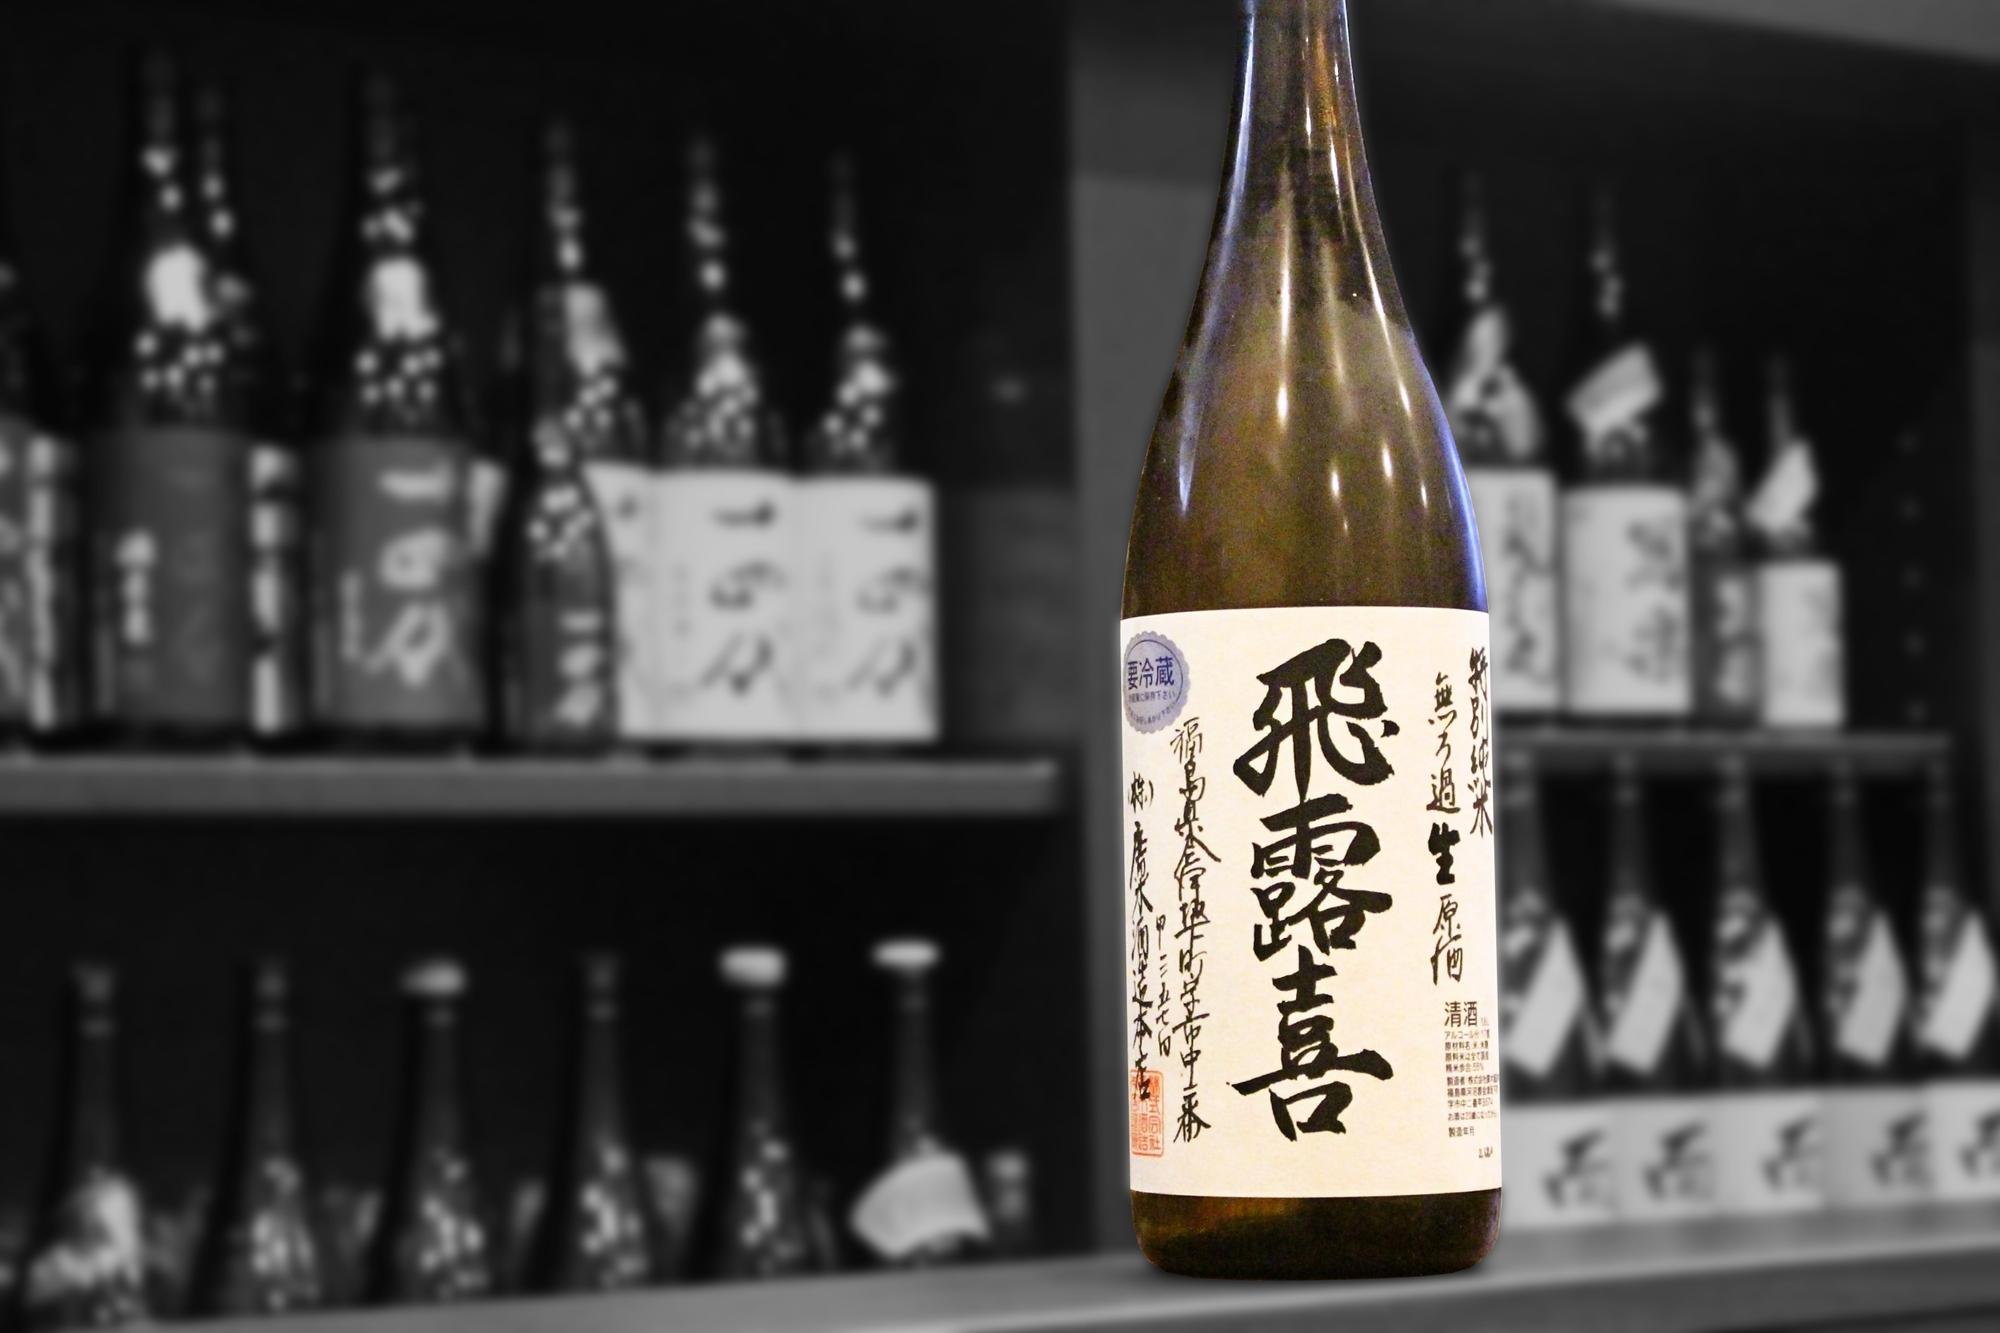 飛露喜特別純米無濾過生原酒202101-001